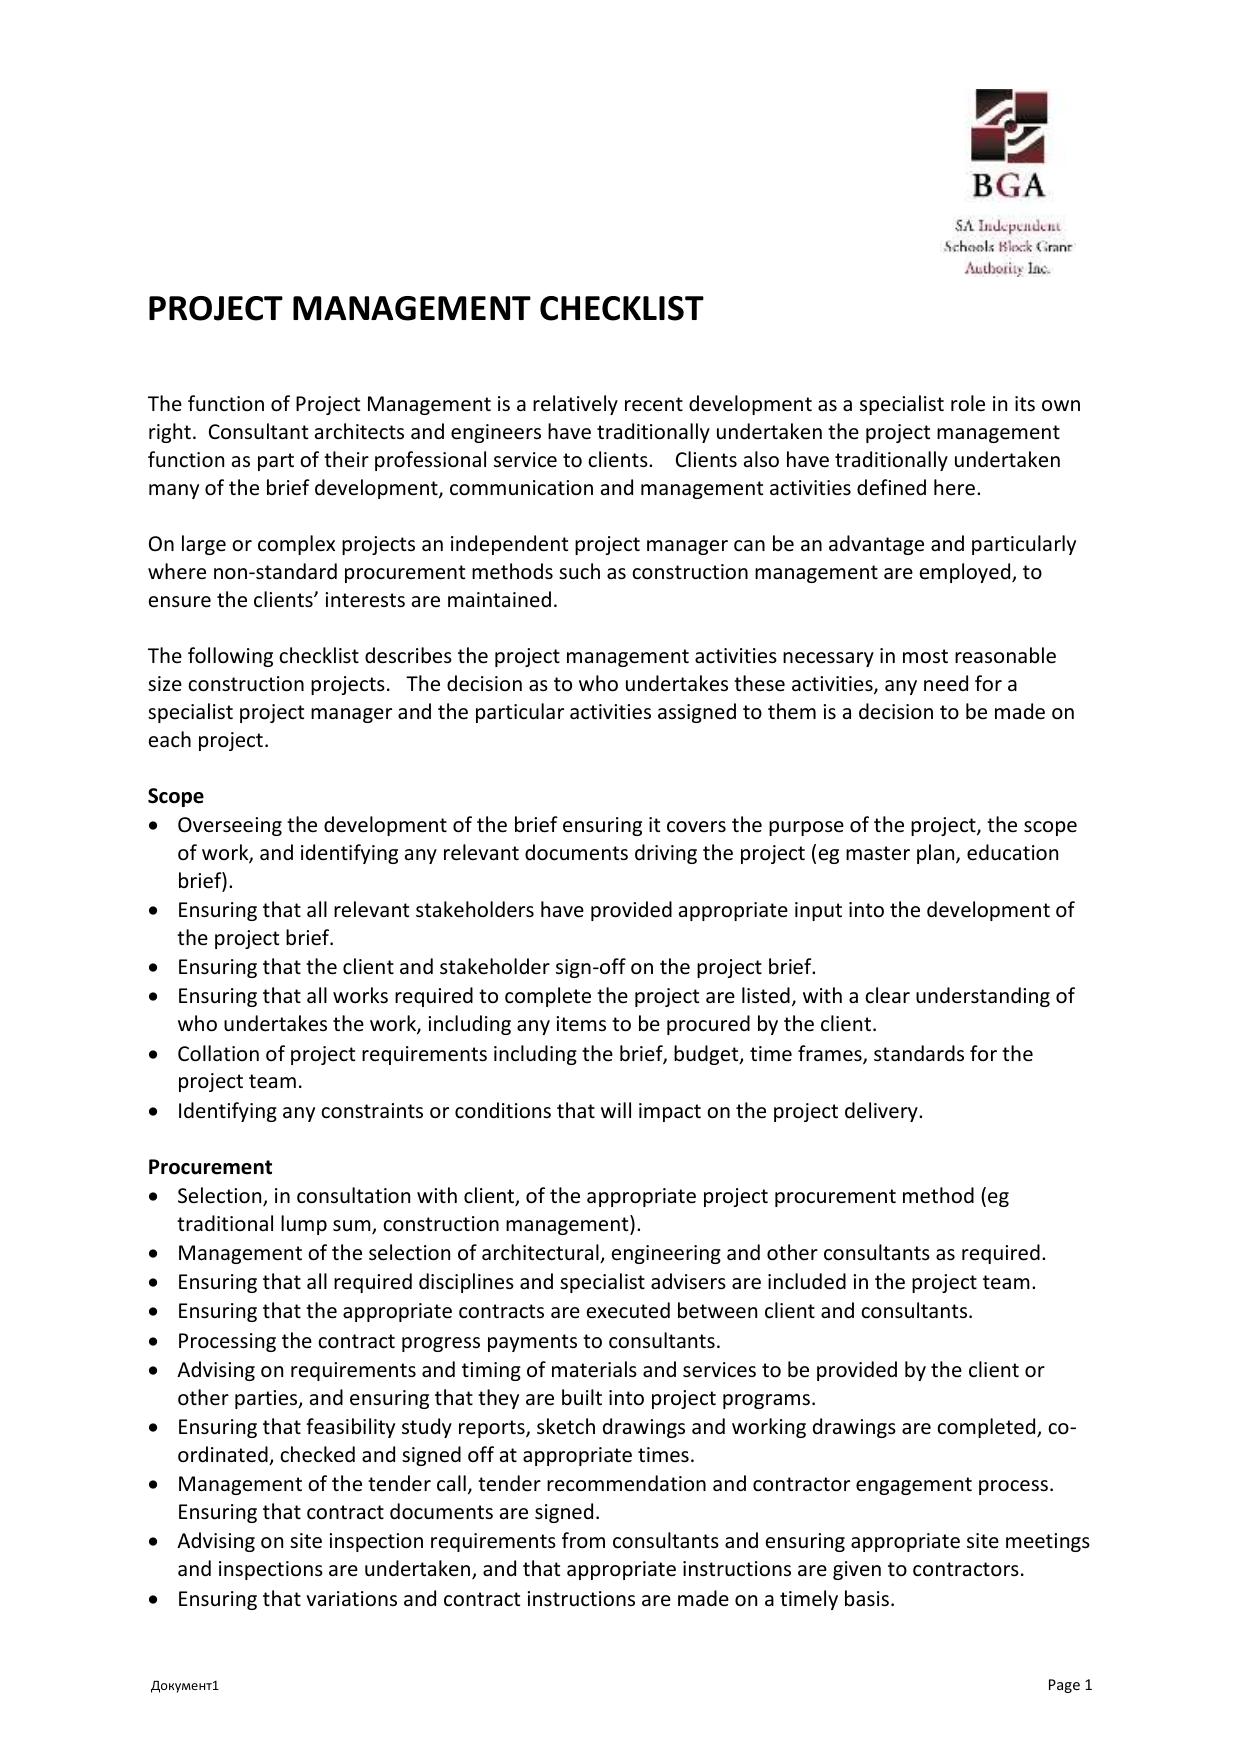 advantages of construction management procurement